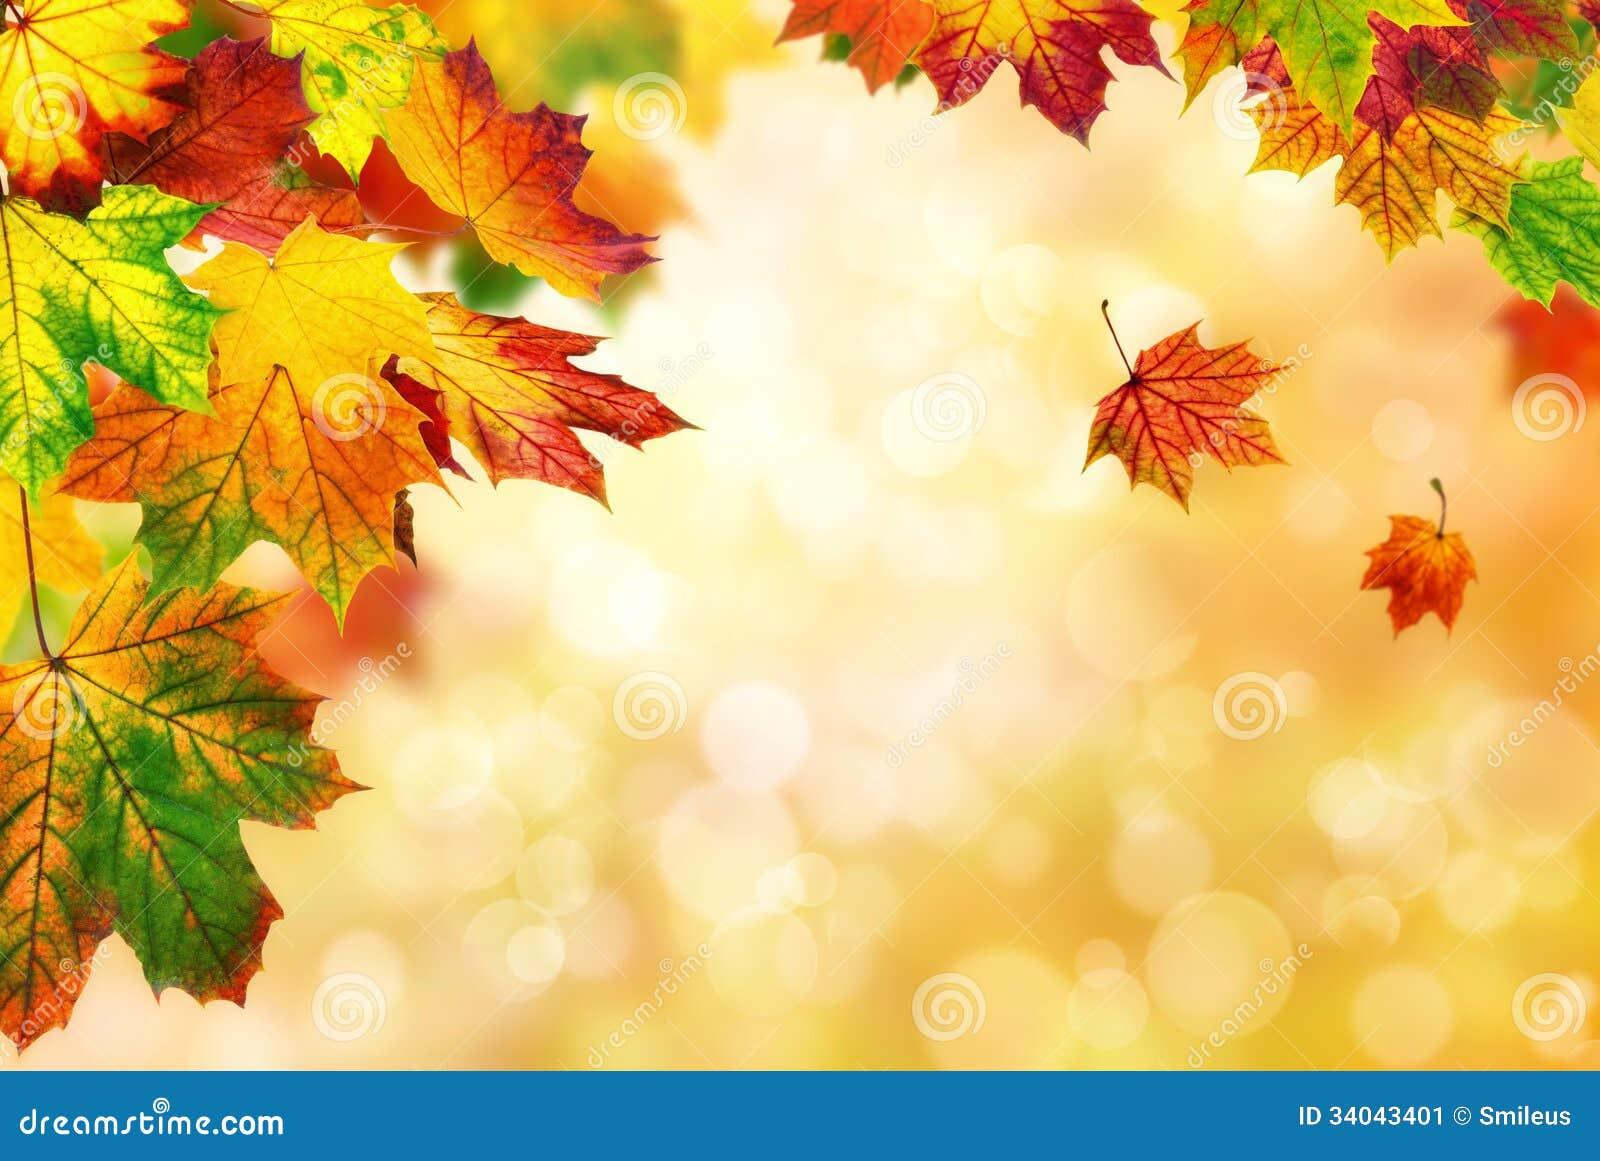 De gele achtergrond van de herfstbladeren royalty vrije stock ...